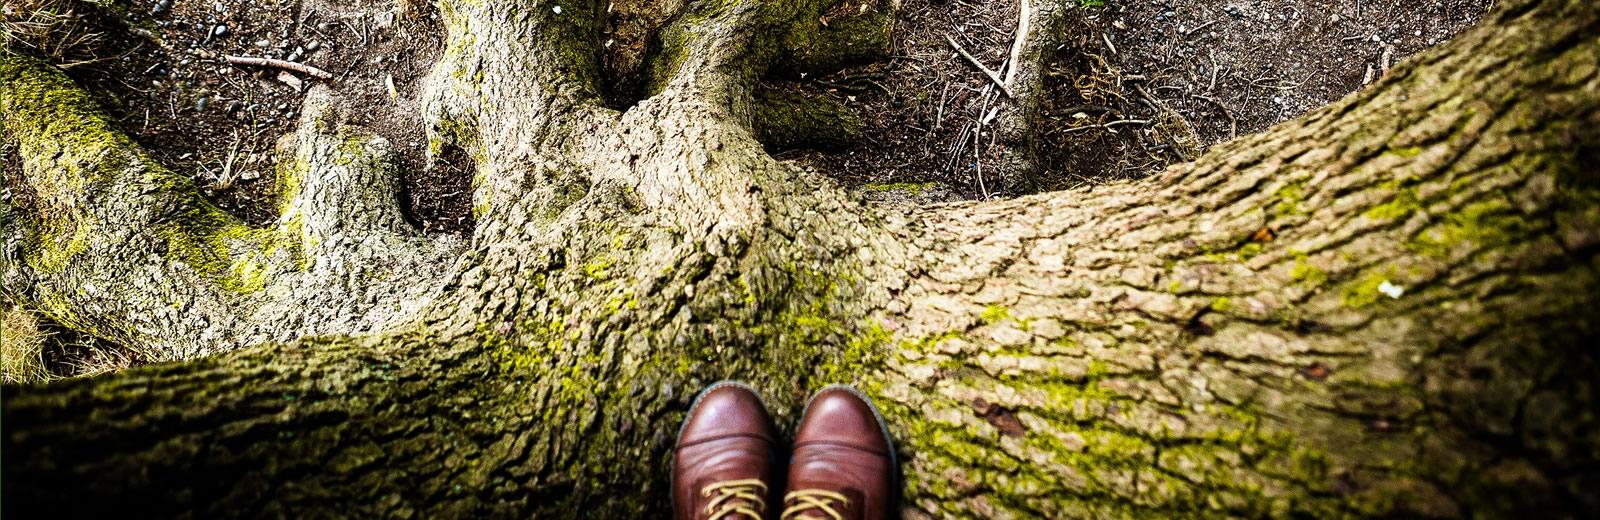 Veteran Tree Surveys - Veteran Tree Inspections